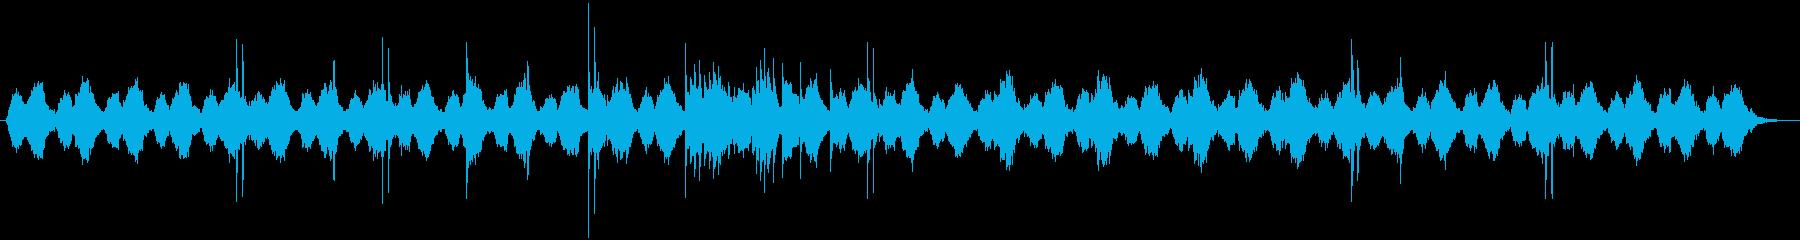 ピアノのリフレインが物悲しいBGMの再生済みの波形